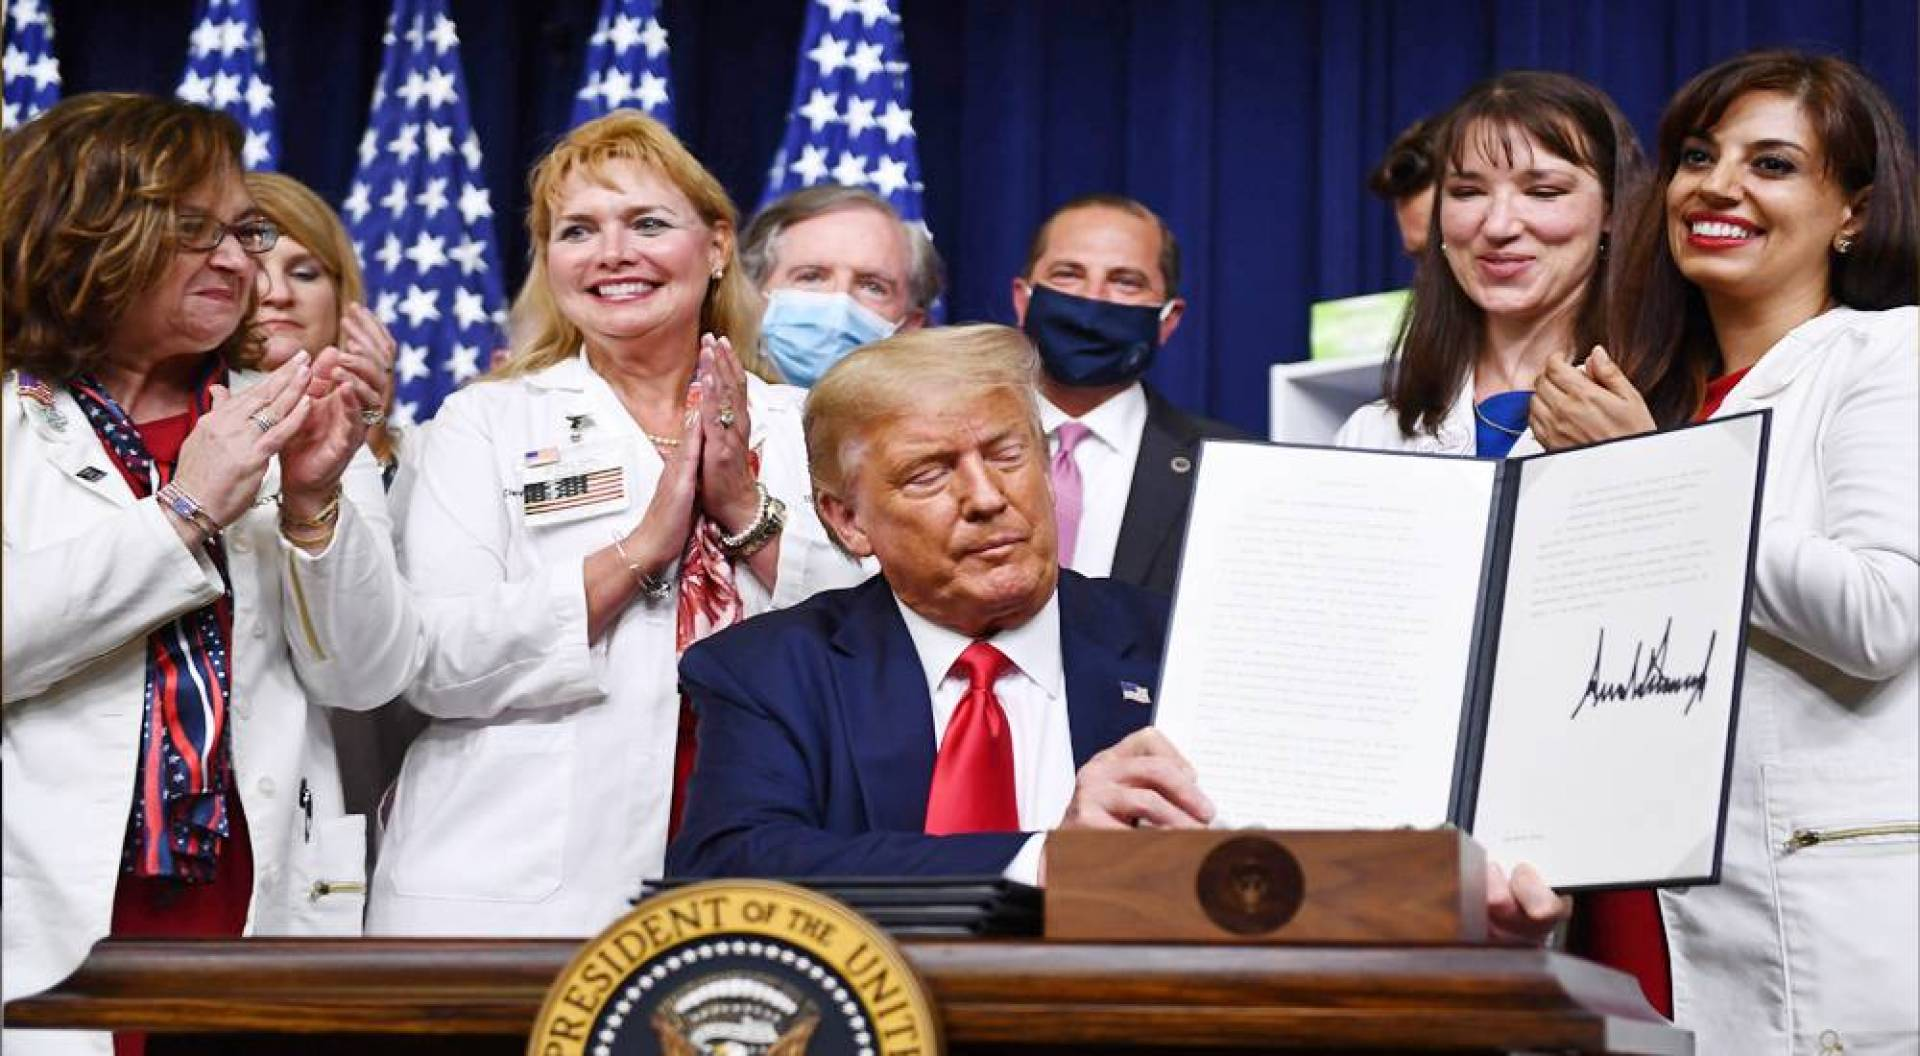 ترامب يوقع على 4 أوامر تنفيذية تهدف لخفض أسعار الأدوية في أميركا